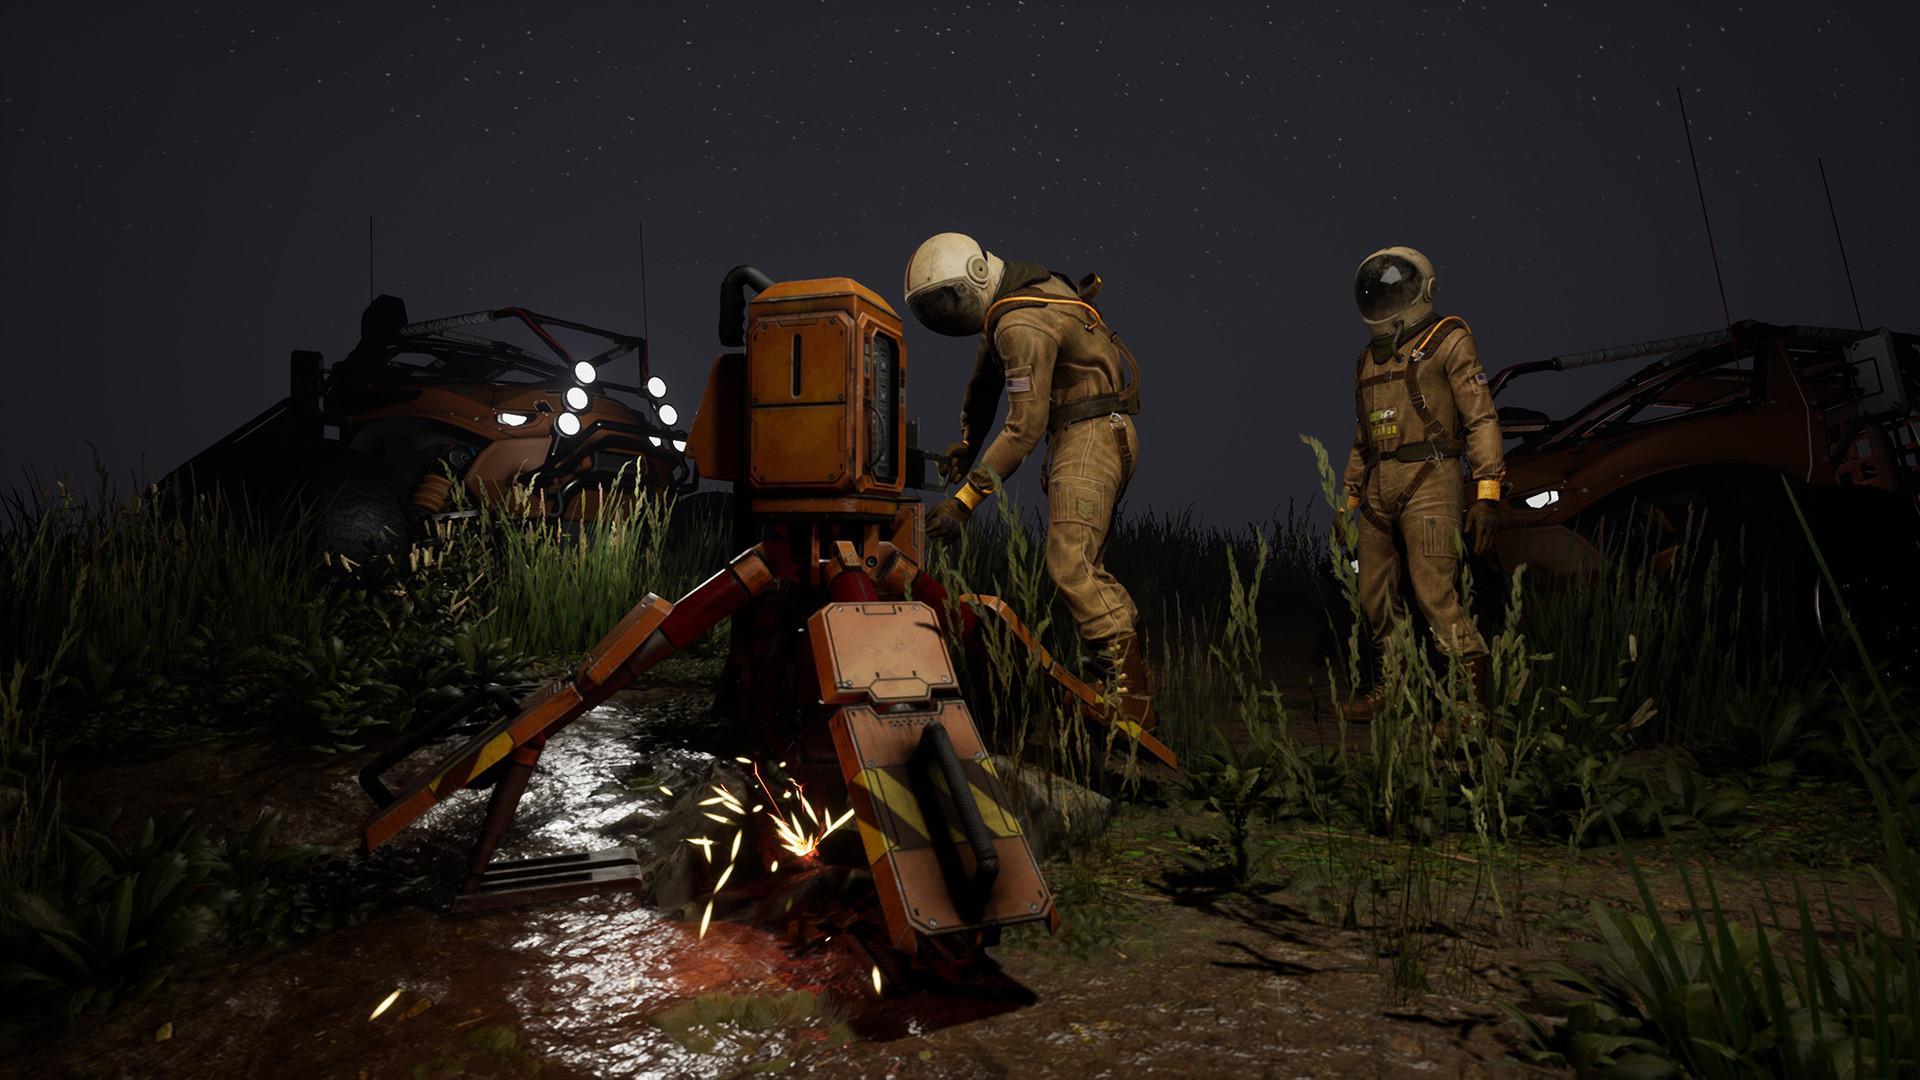 開放世界合作免費遊戲《伊卡洛斯》即將登陸 Steam